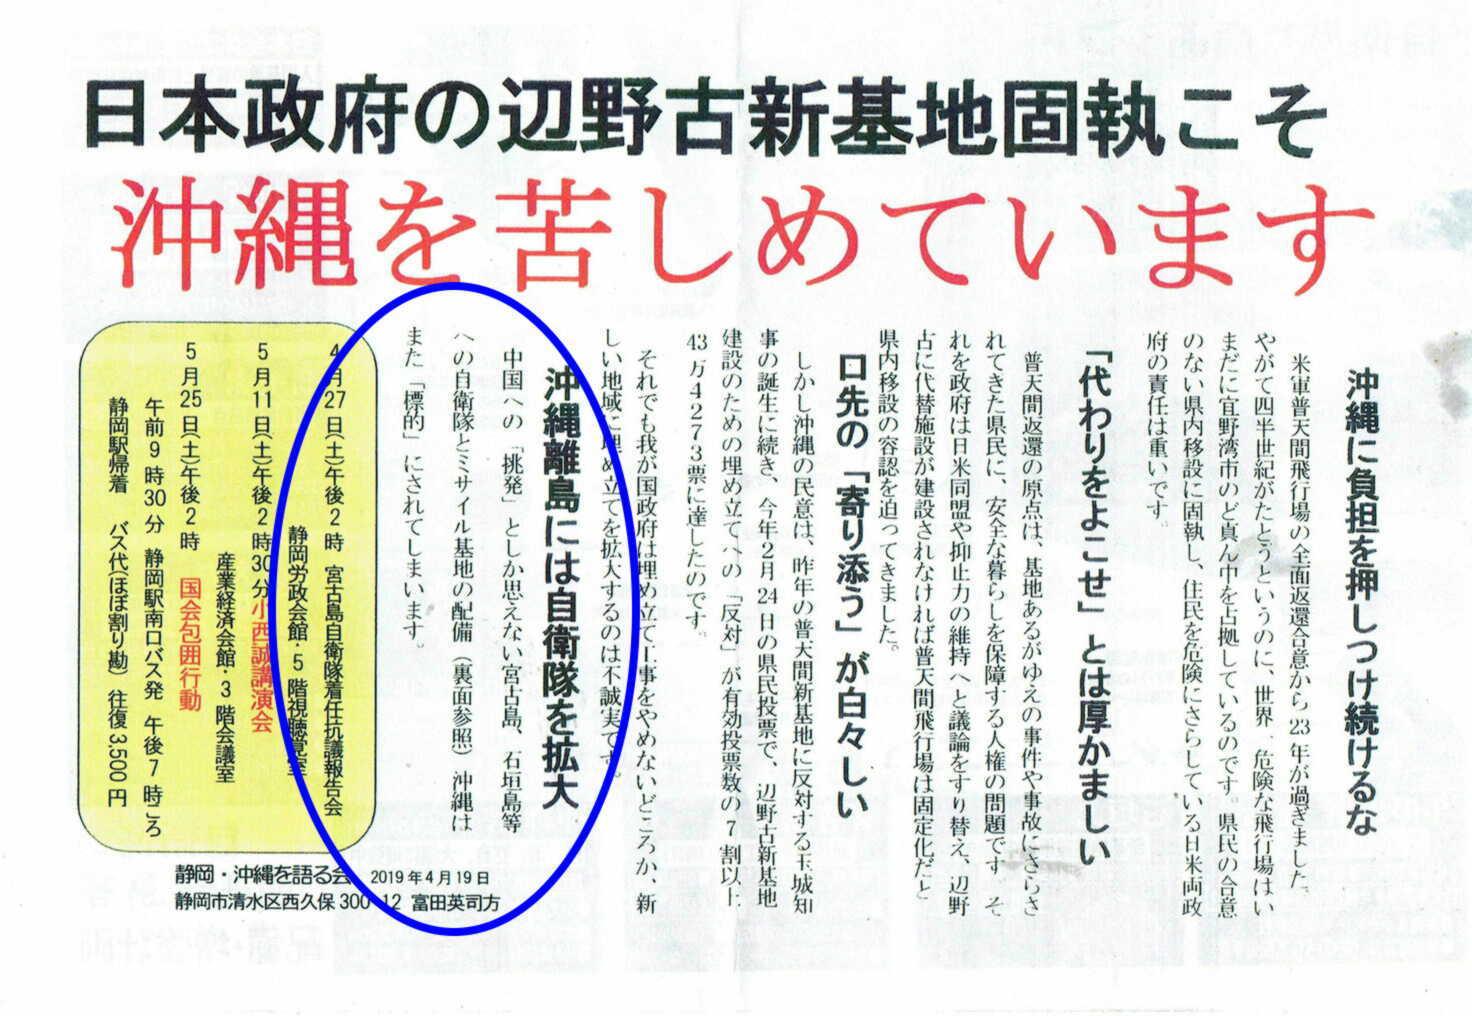 静岡・沖縄を語る会チラシ01a